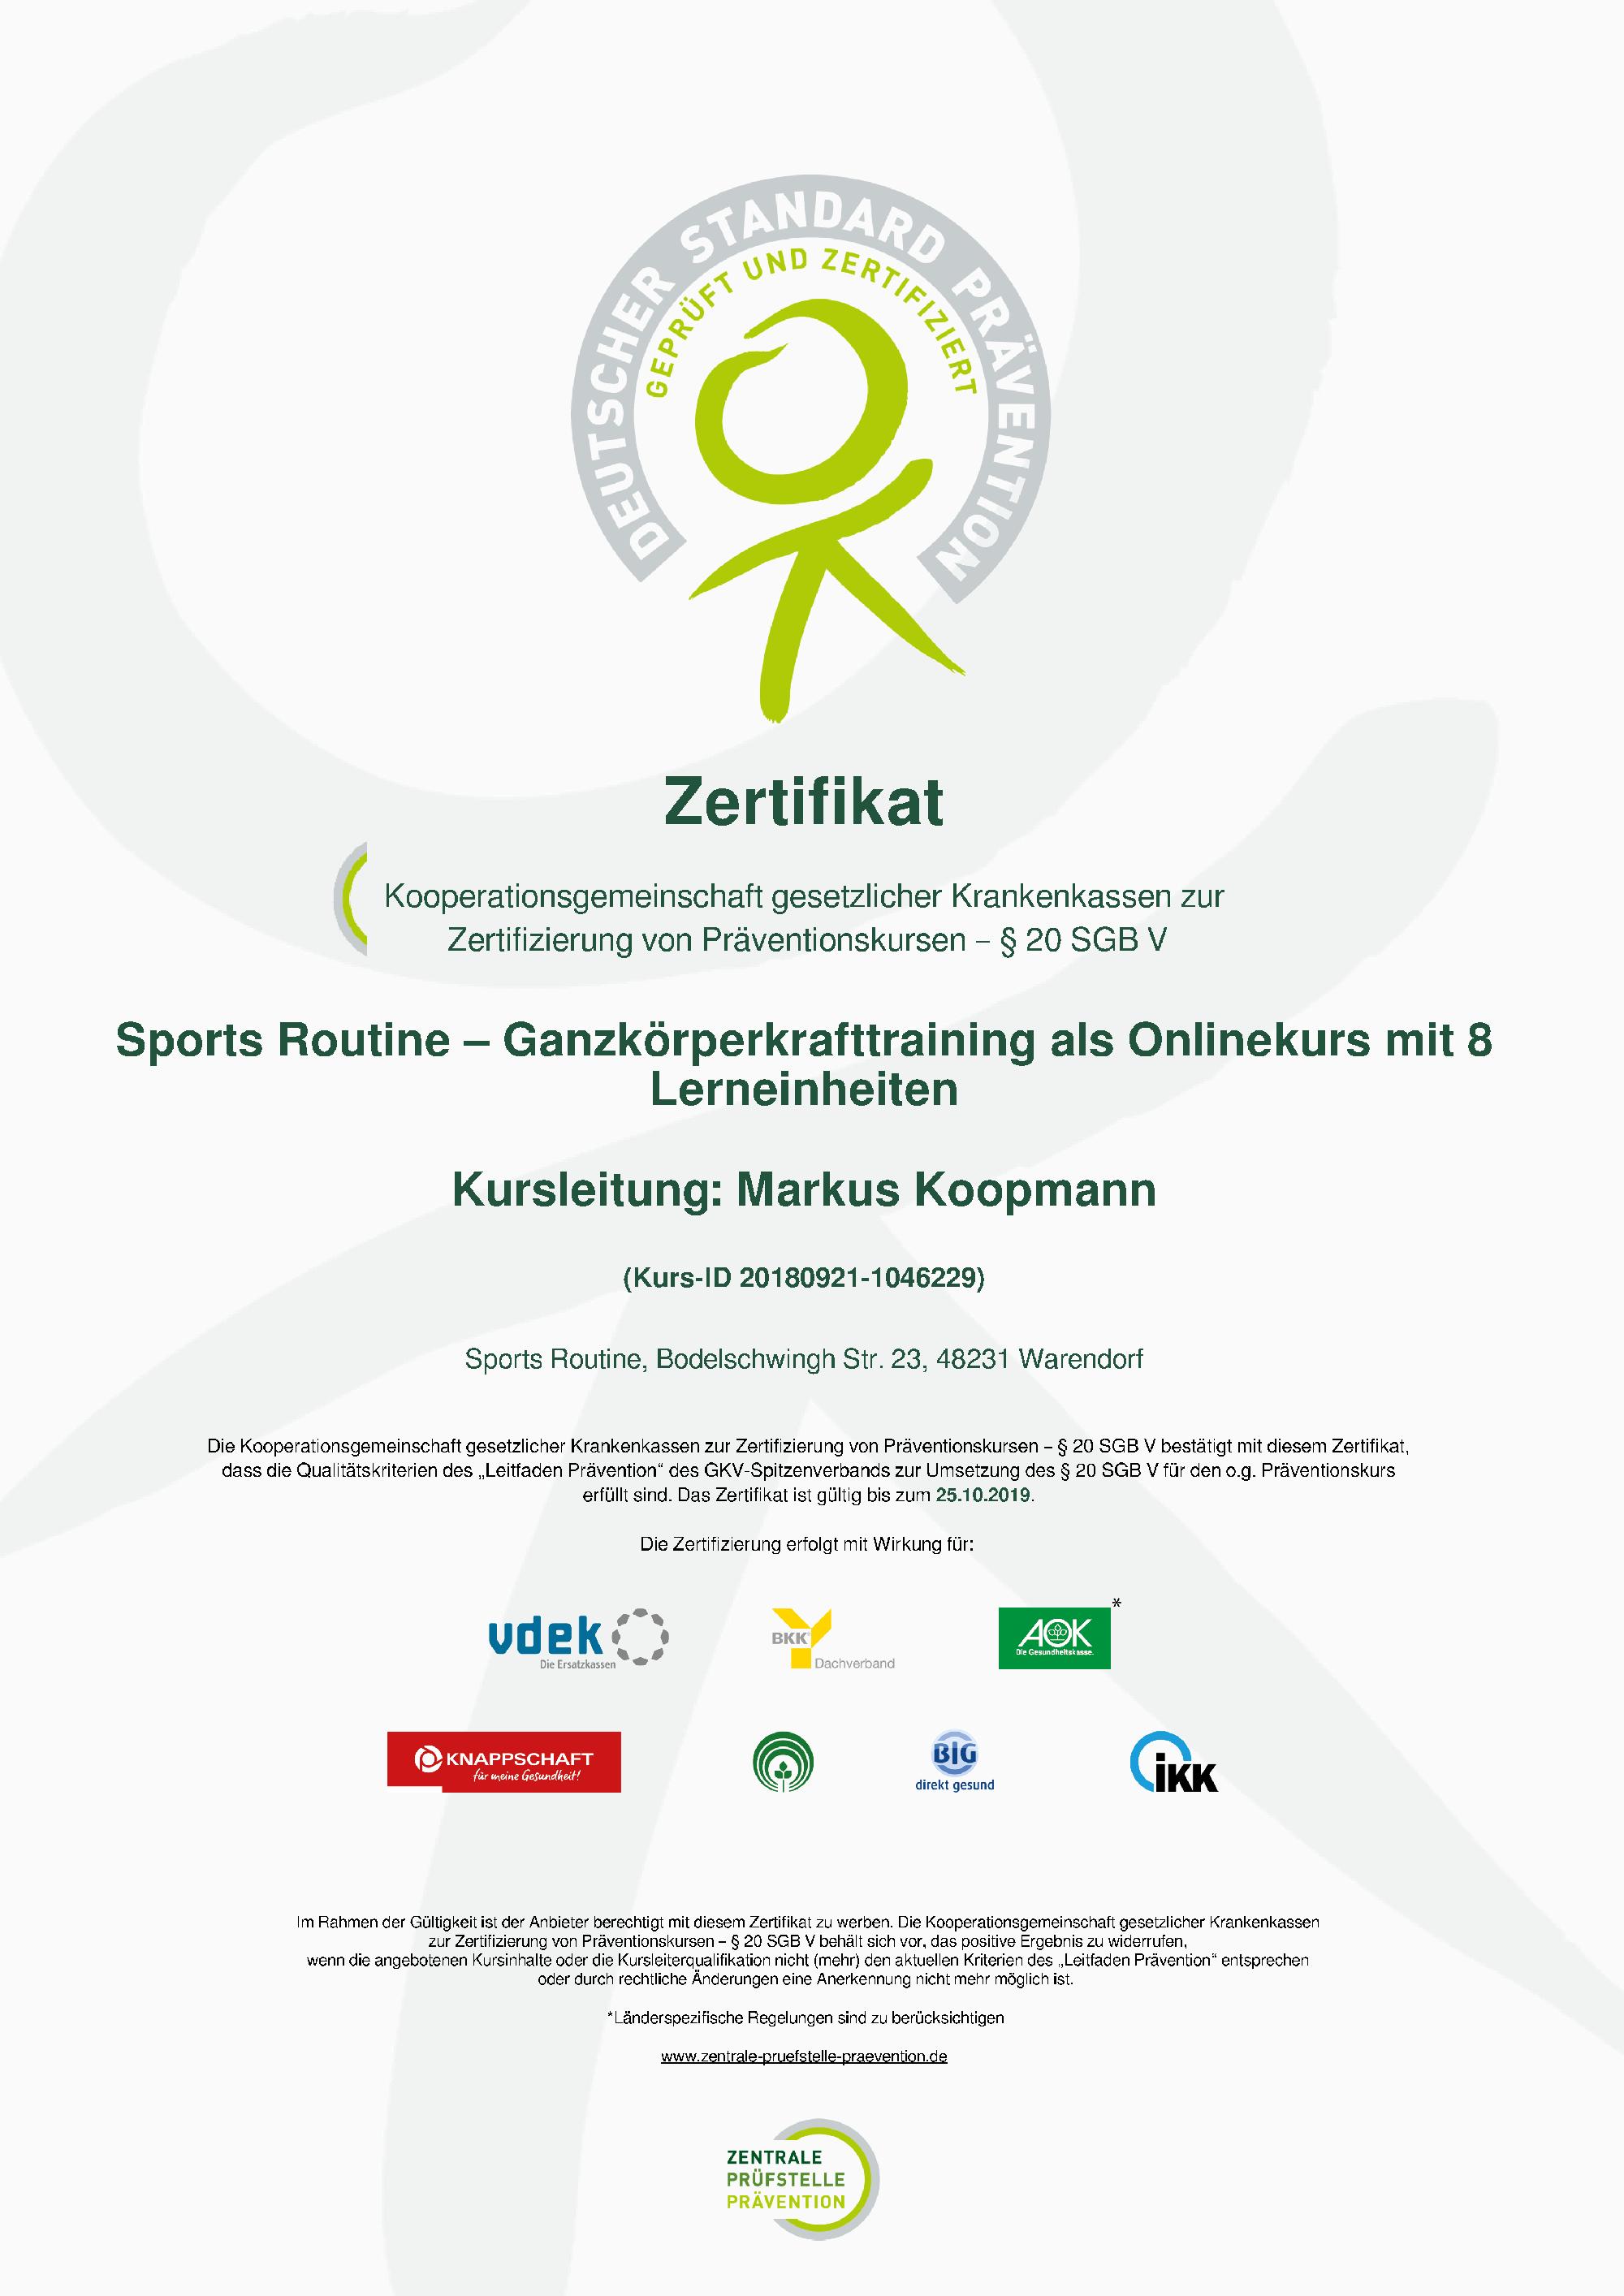 zpp_zertifikat_sportsroutine_markus_koopmann_2000 (1)